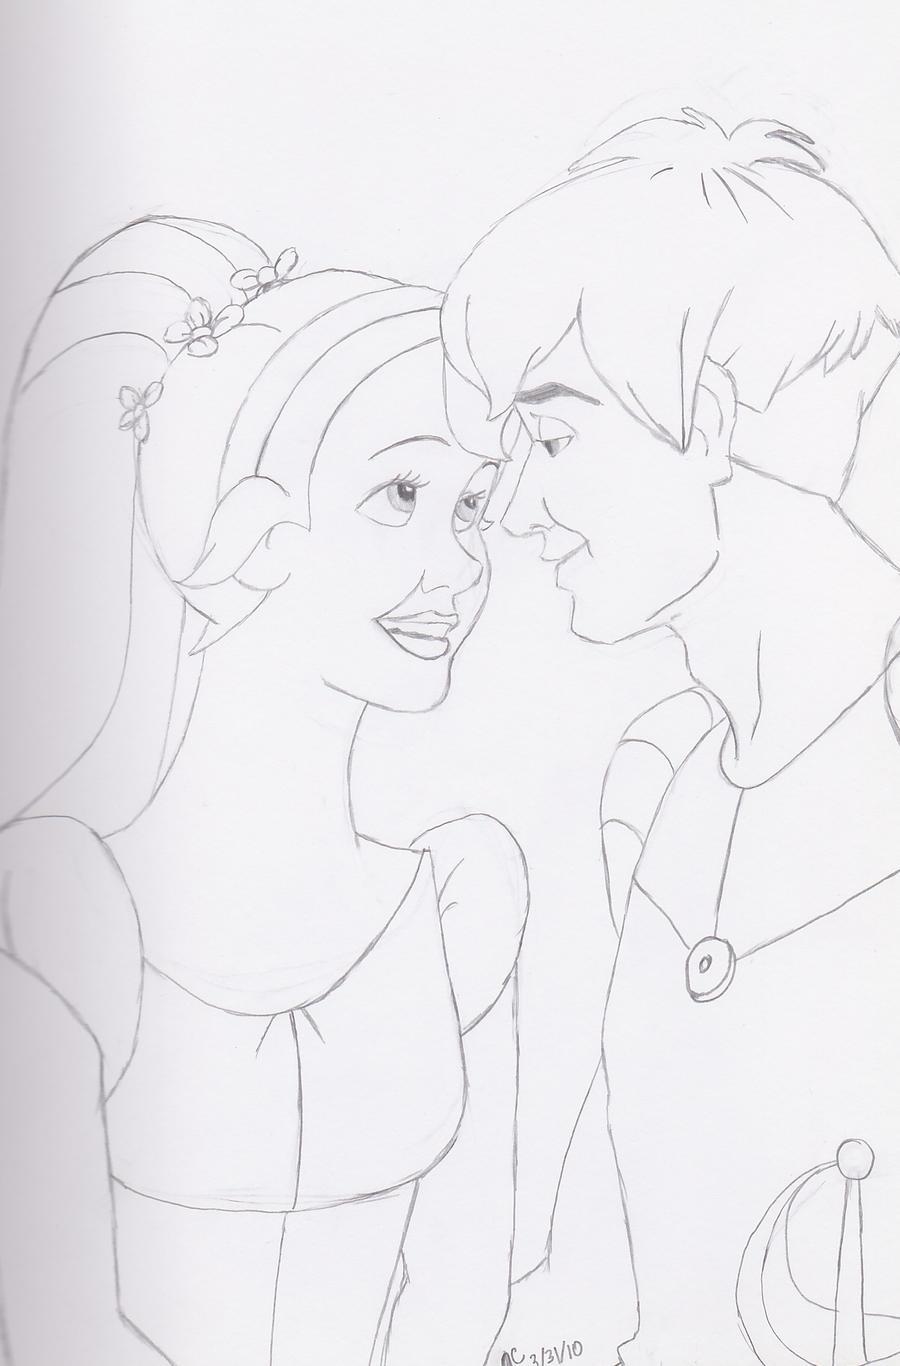 thumbelina coloring pages - thumbelina plus cornelius by emotionalpenguin on deviantart